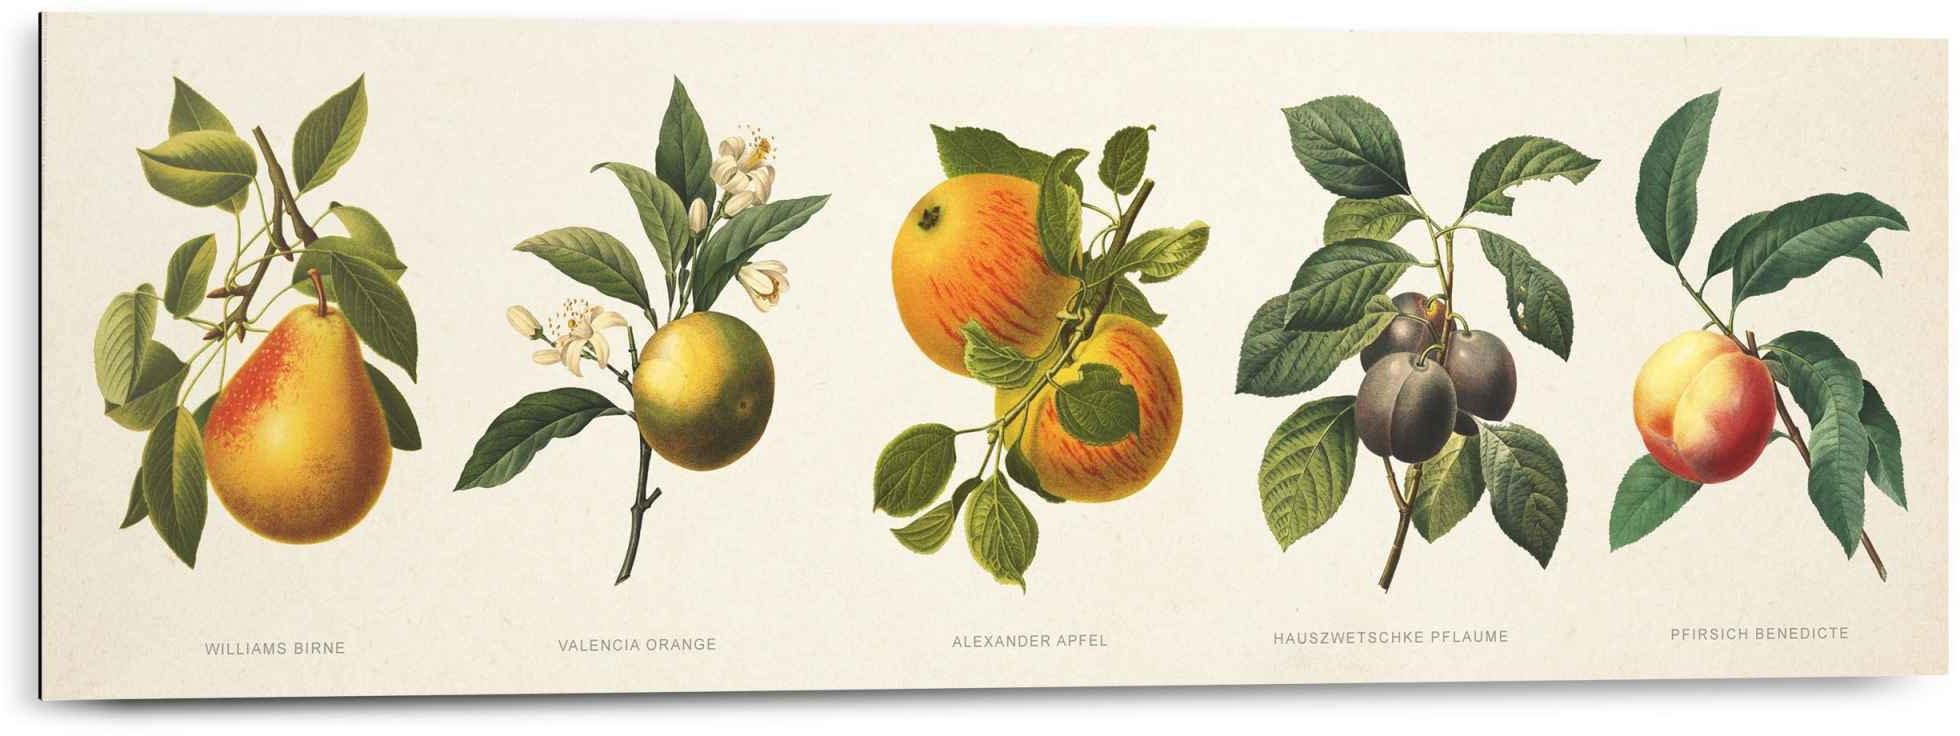 Reinders! artprint vruchten nostalgisch - vruchten - jam (1 stuk) voordelig en veilig online kopen